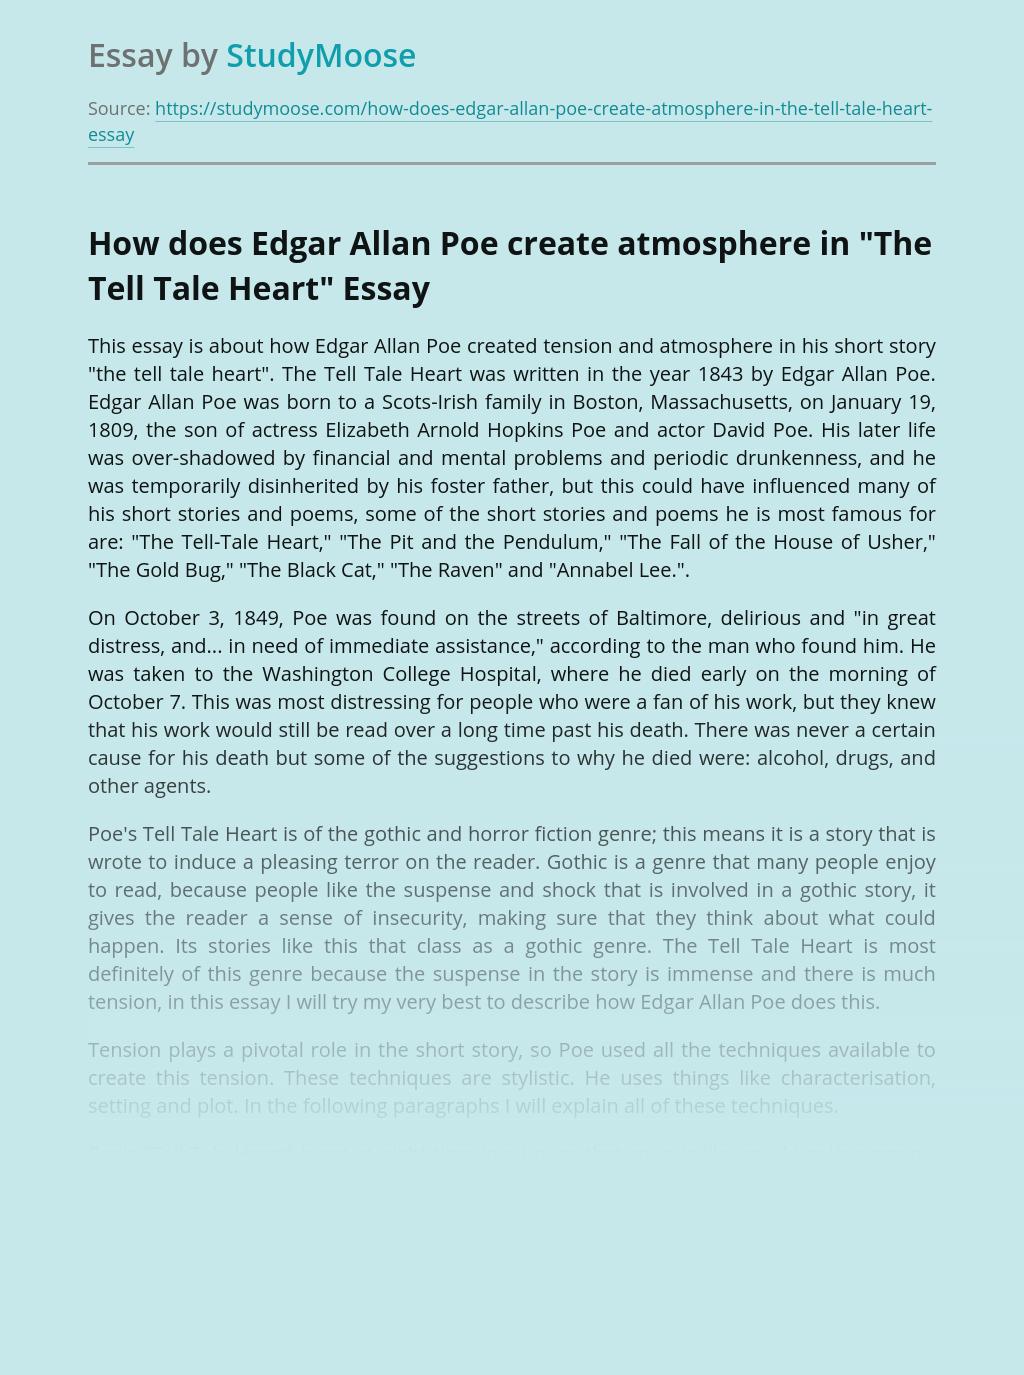 How does Edgar Allan Poe create atmosphere in